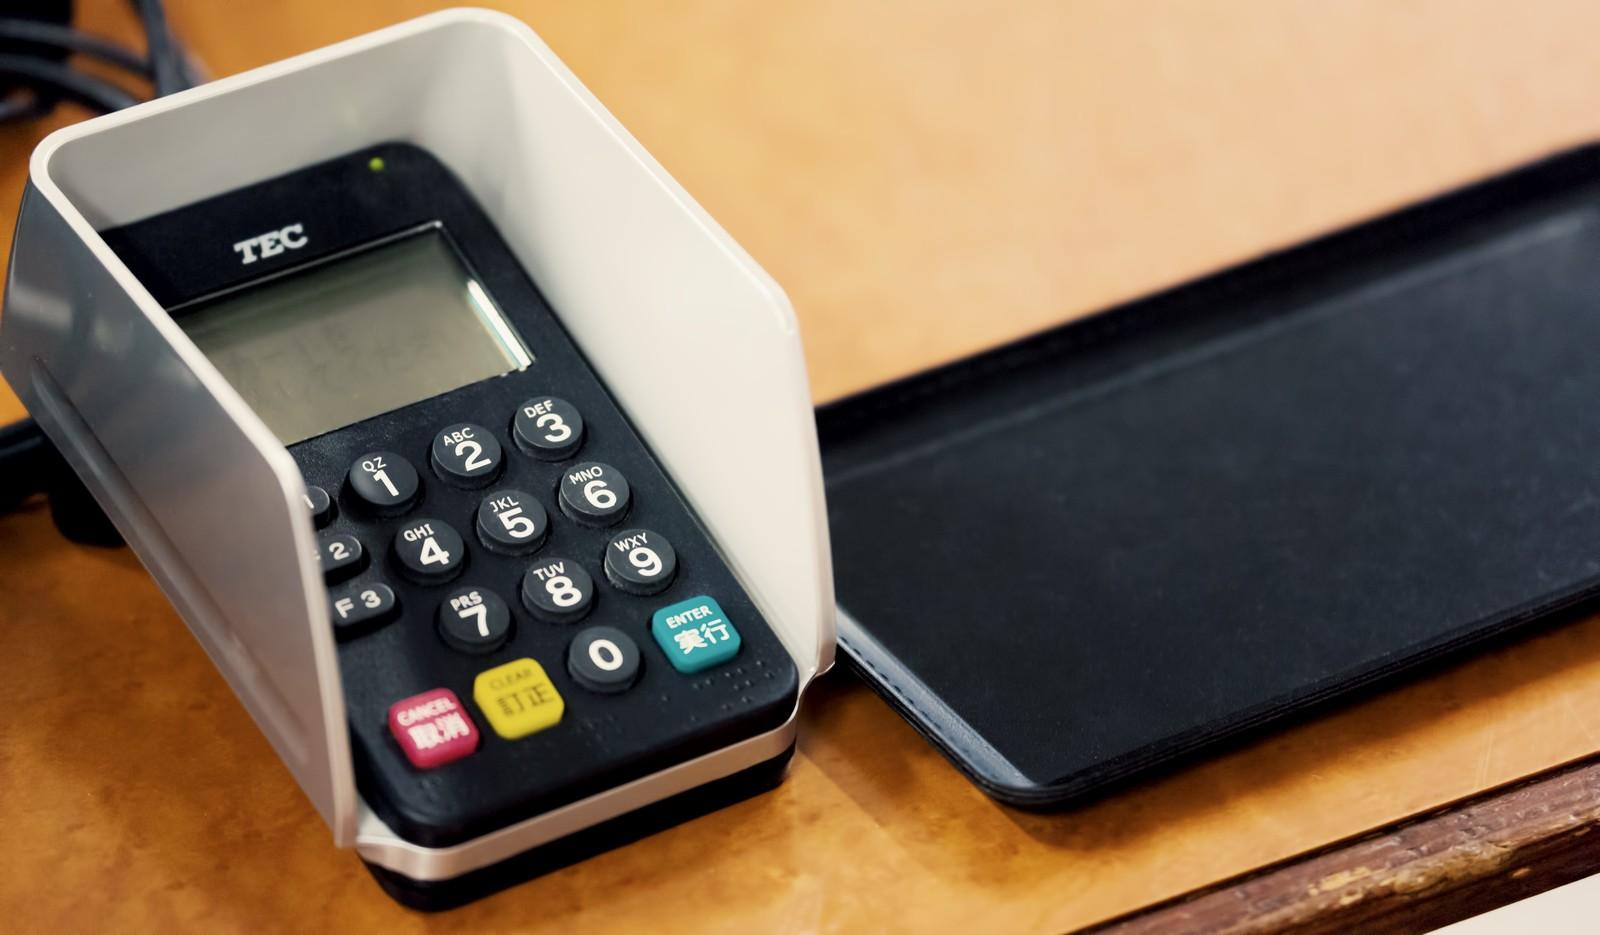 クレジットカードの返済ができない場合|4つの重要な対処法とは?